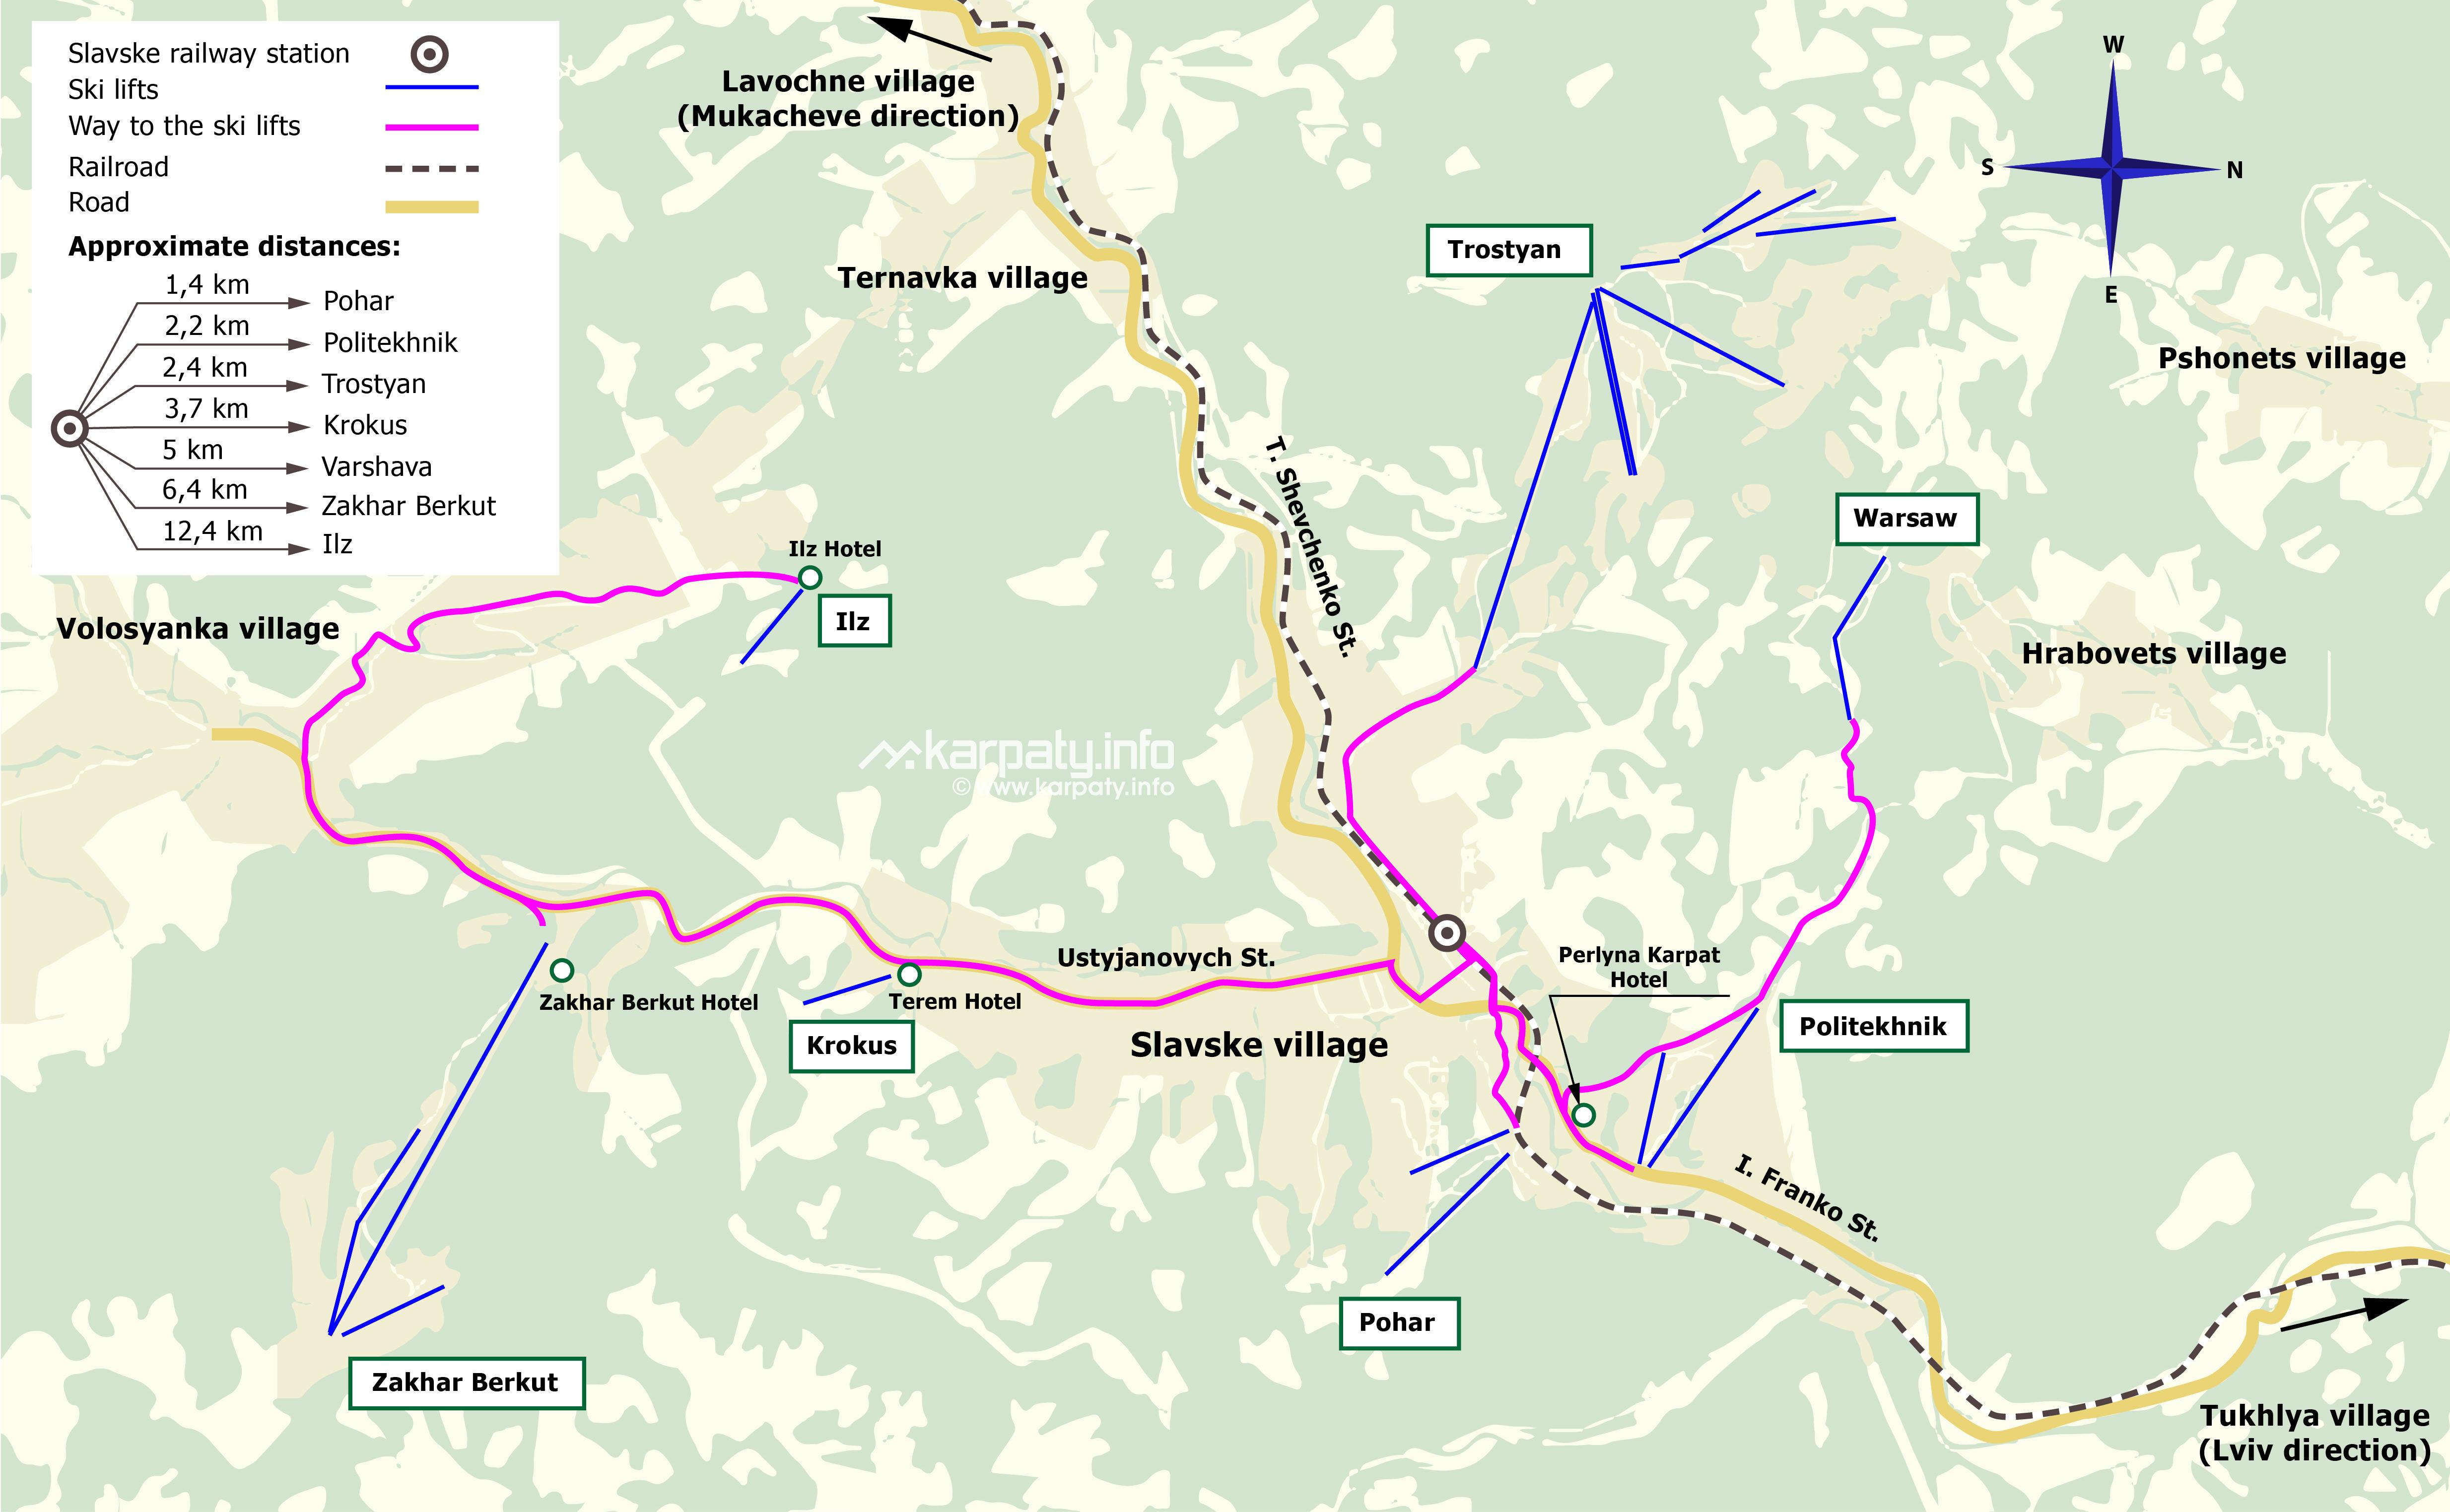 Volosyanka: a selection of sites